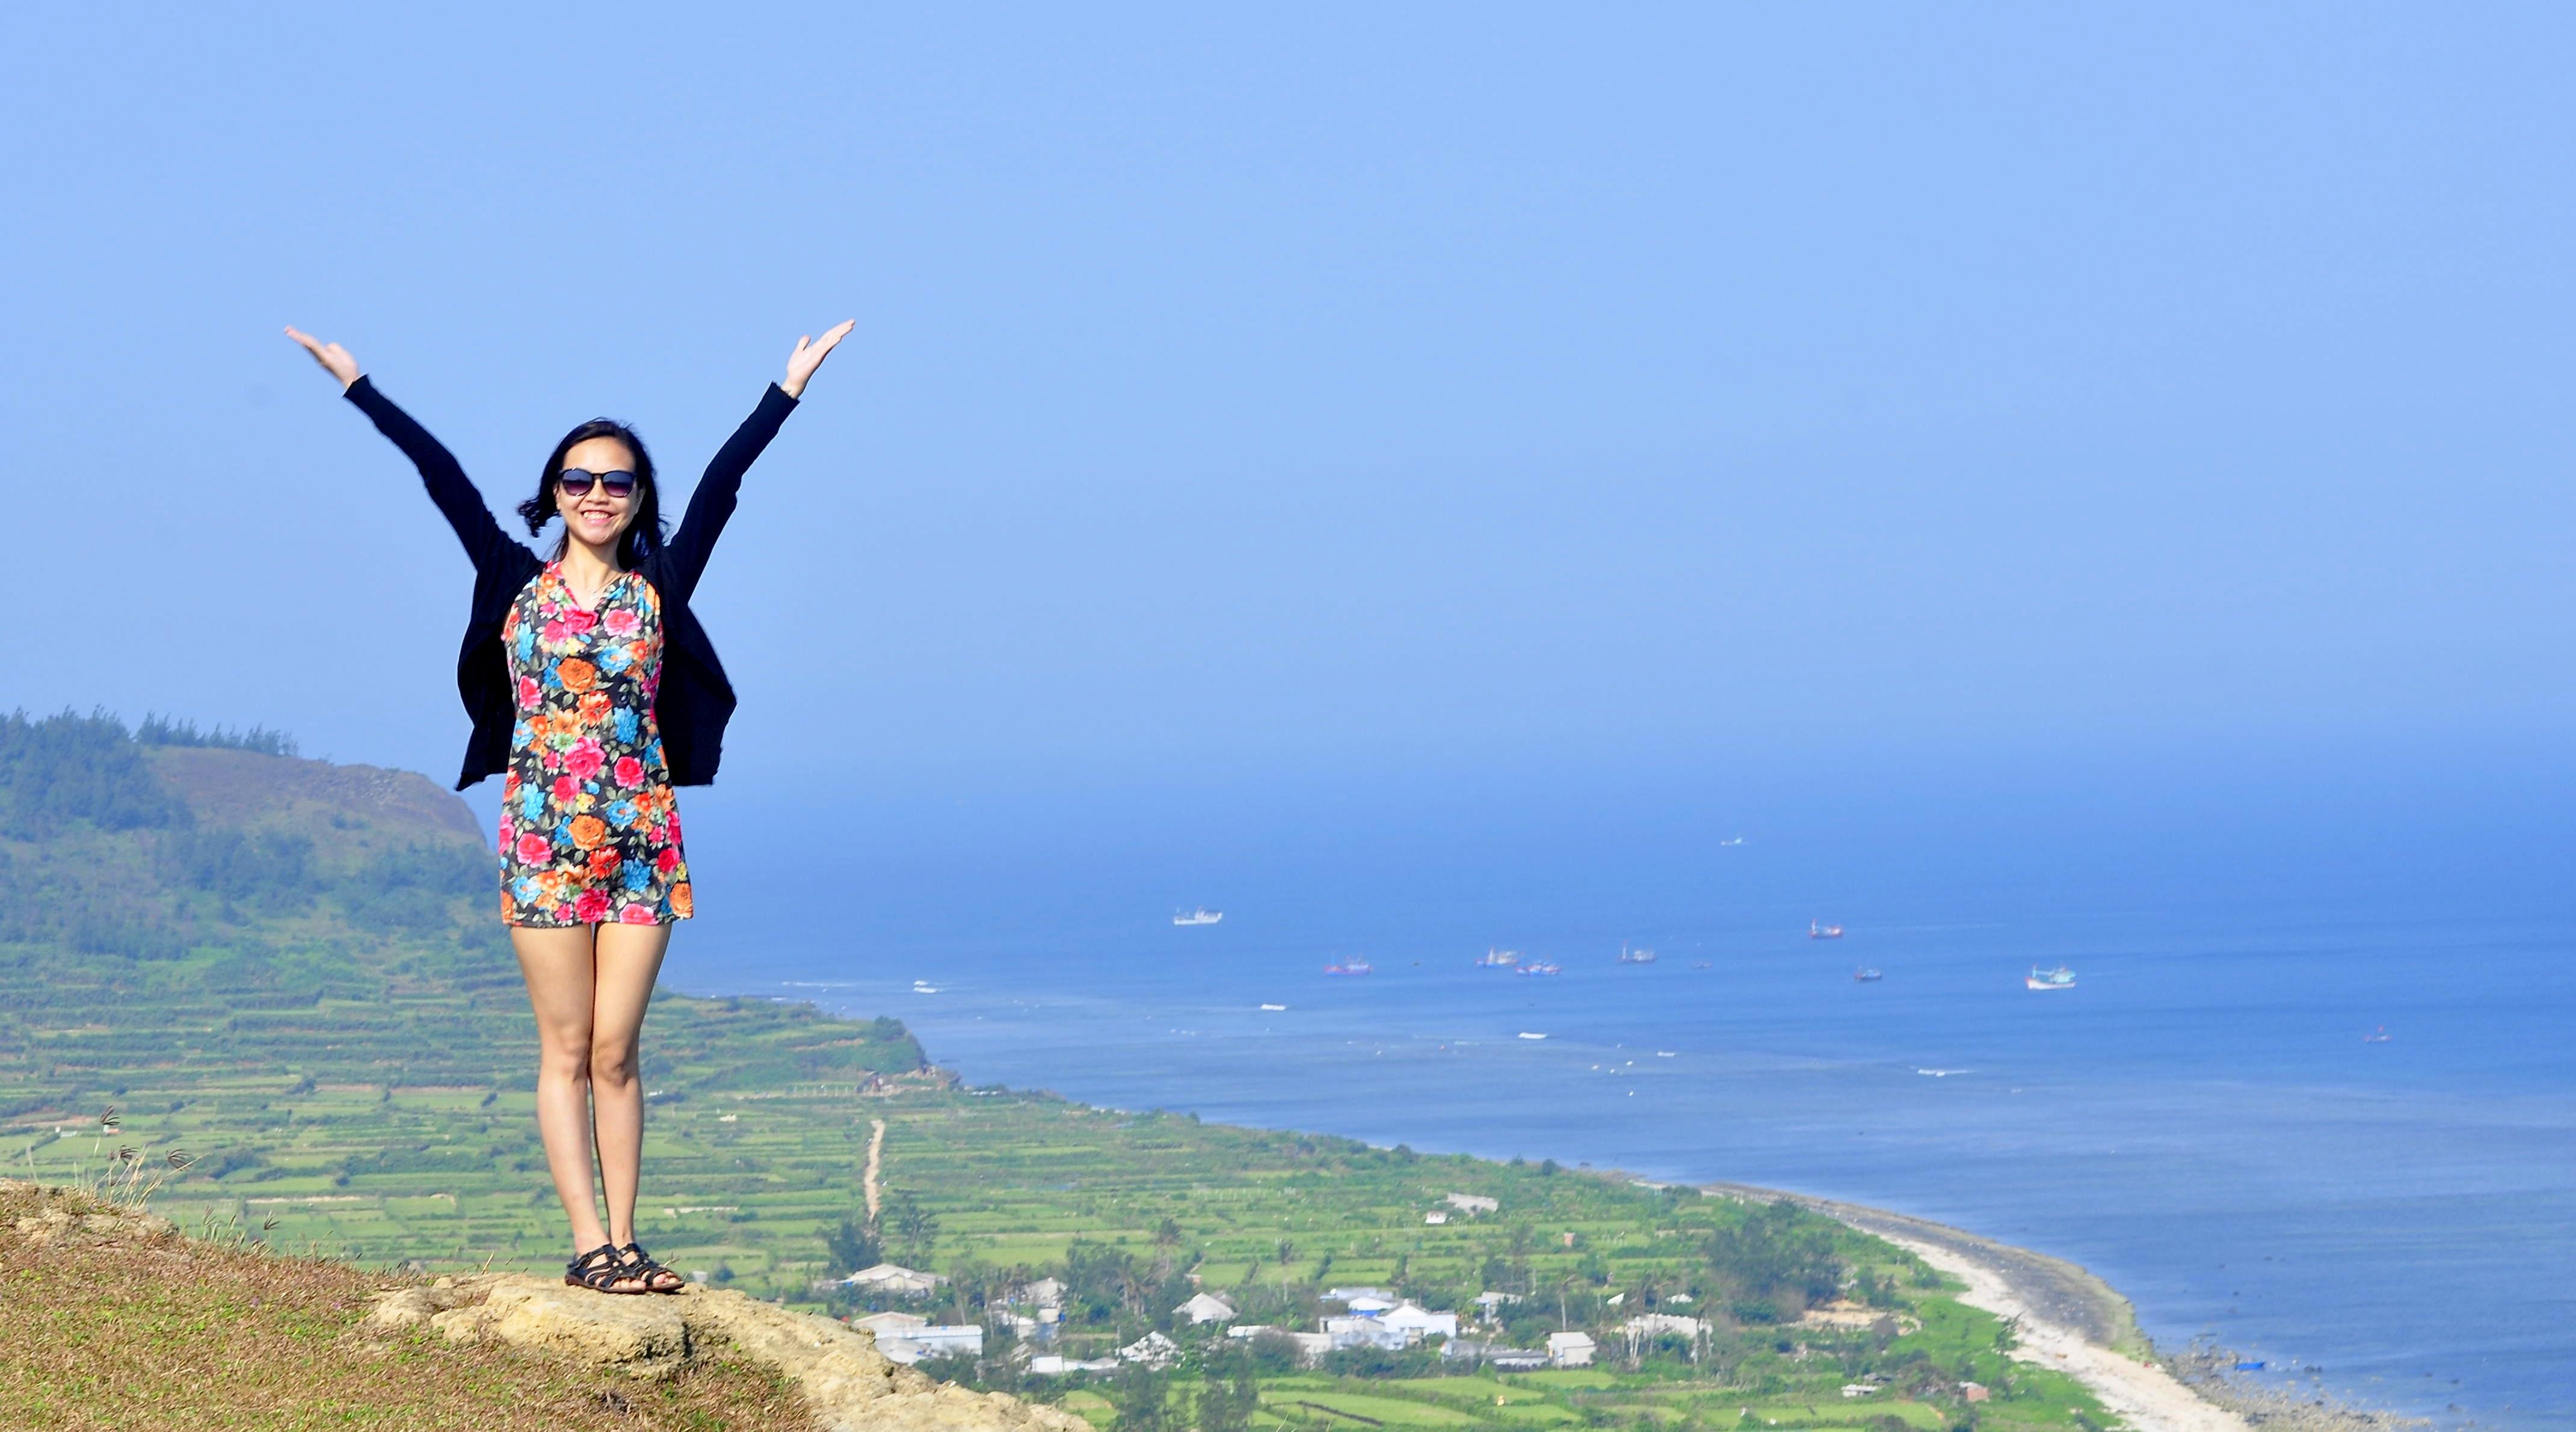 Hình ảnh Khám phá vẻ đẹp quên lối về ở đảo Lý Sơn số 5